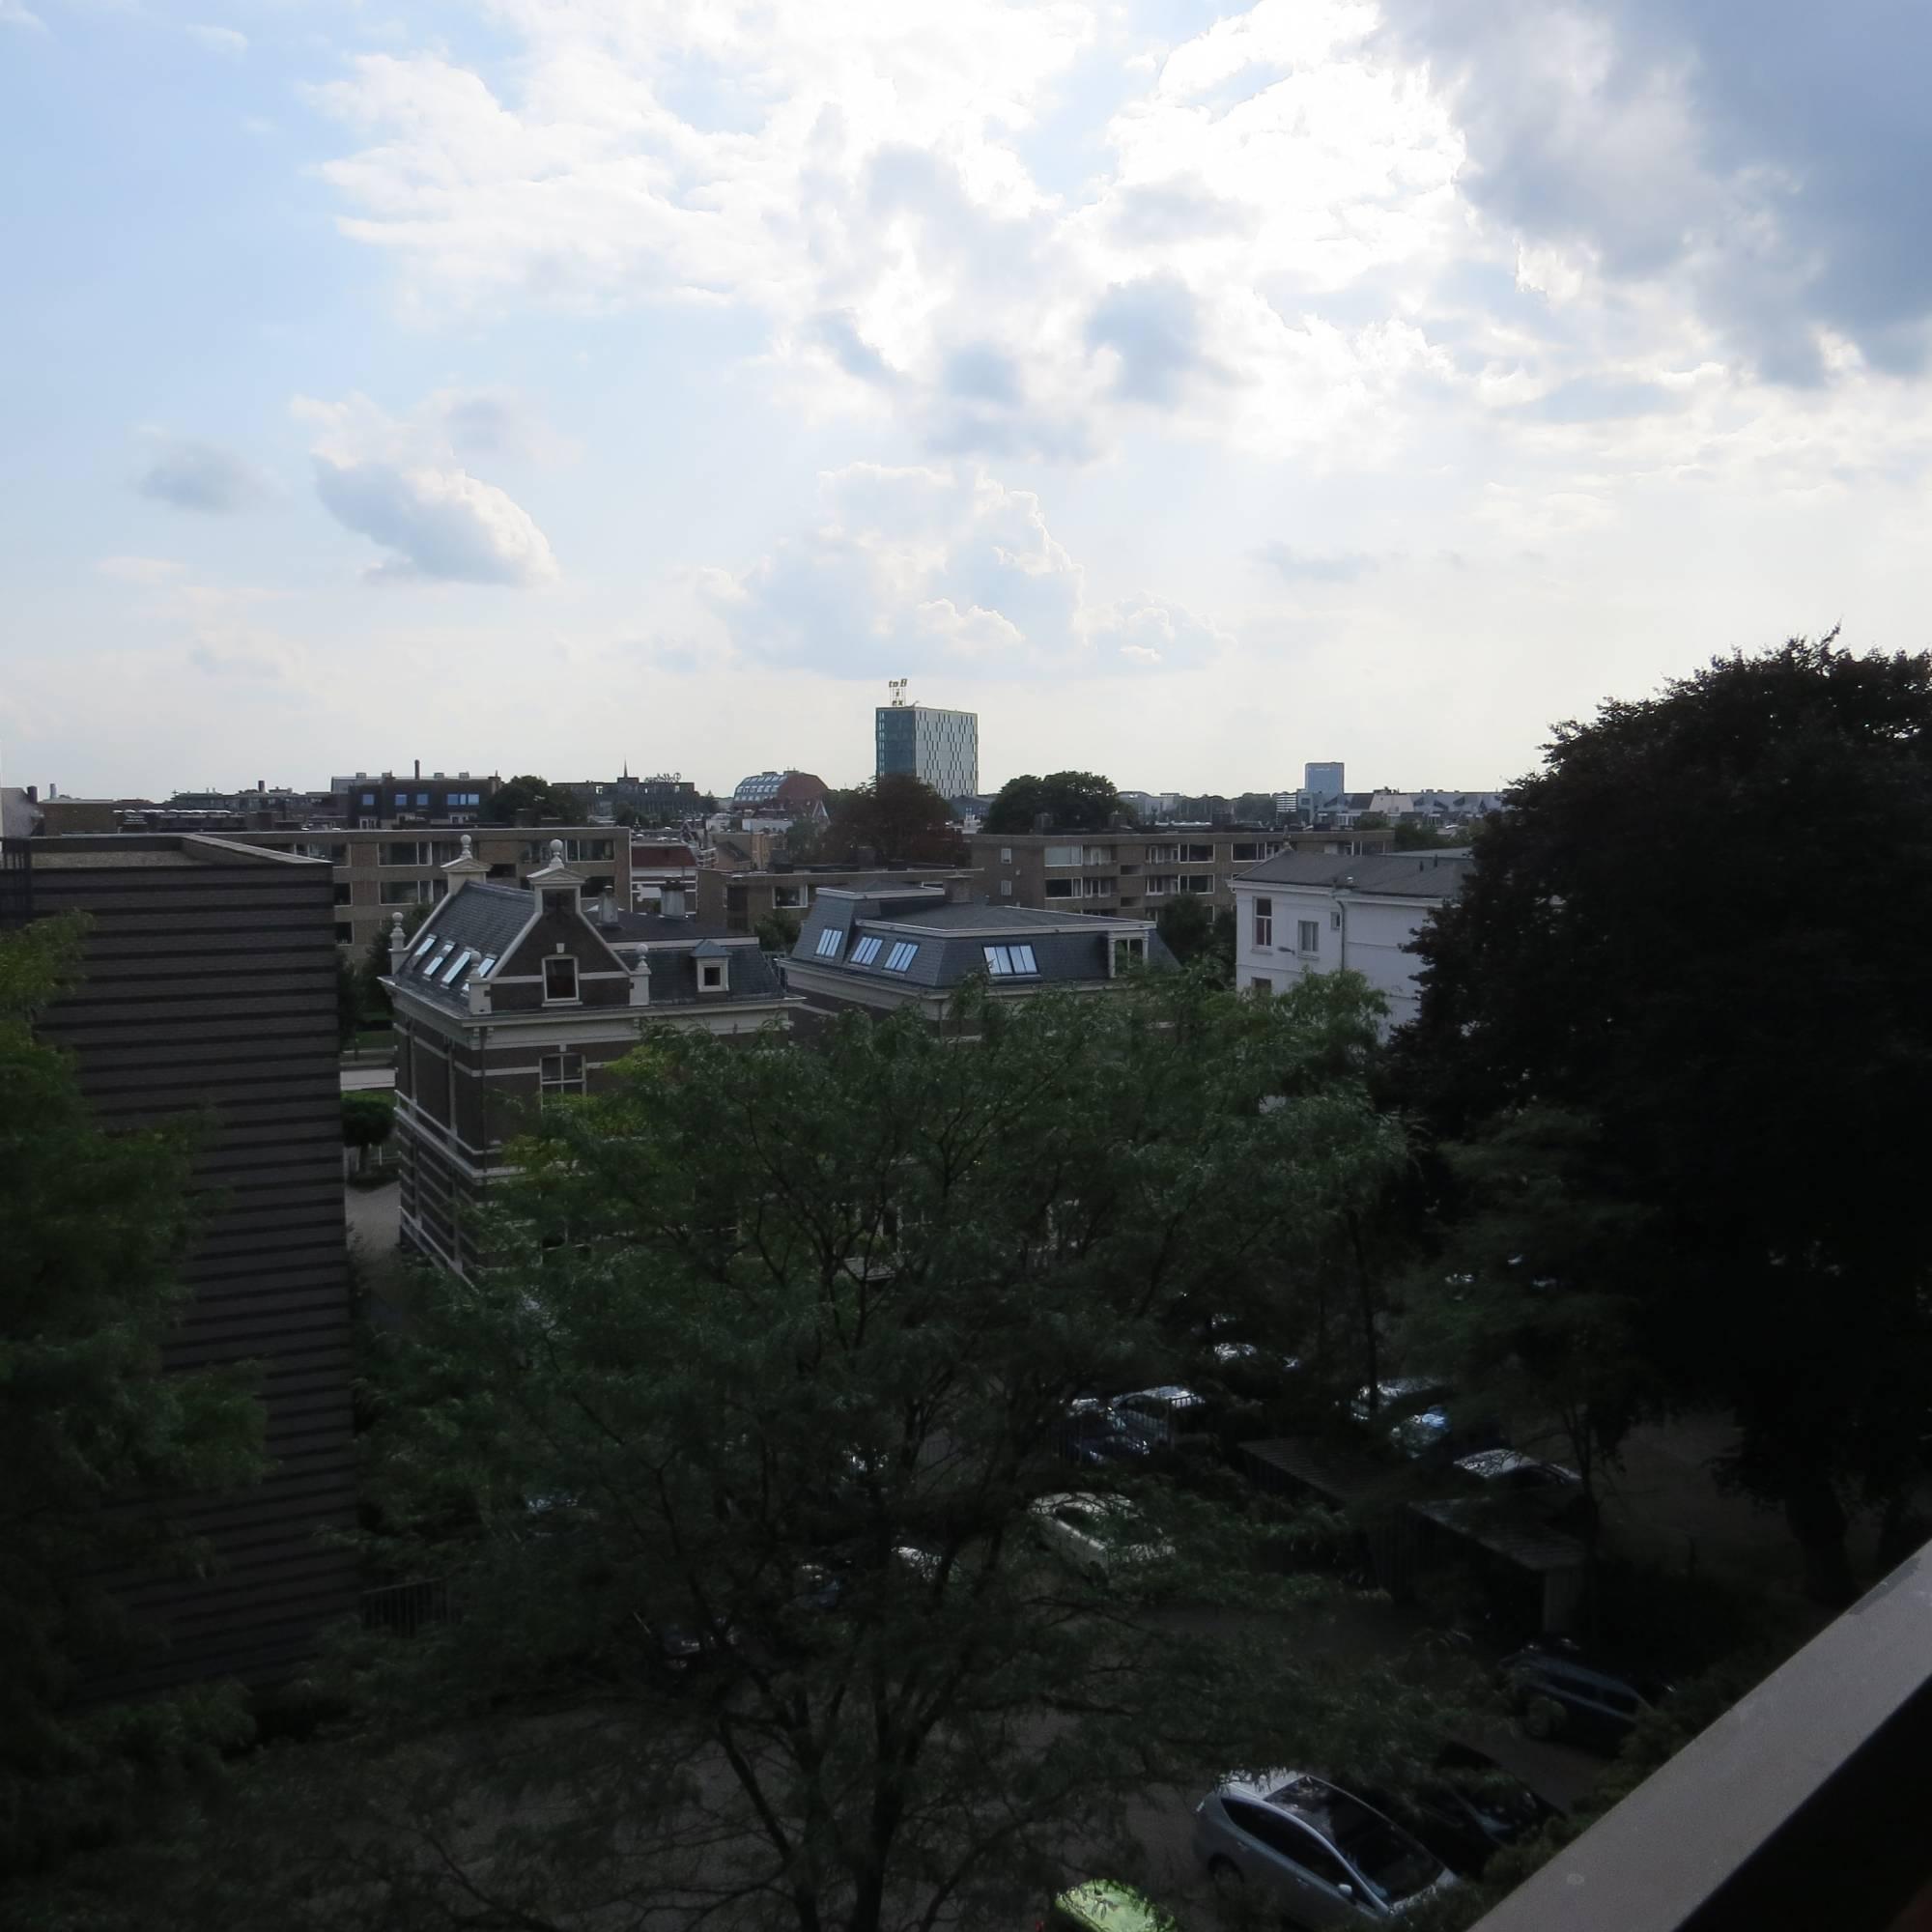 Burg. Hustinxstraat, Nijmegen